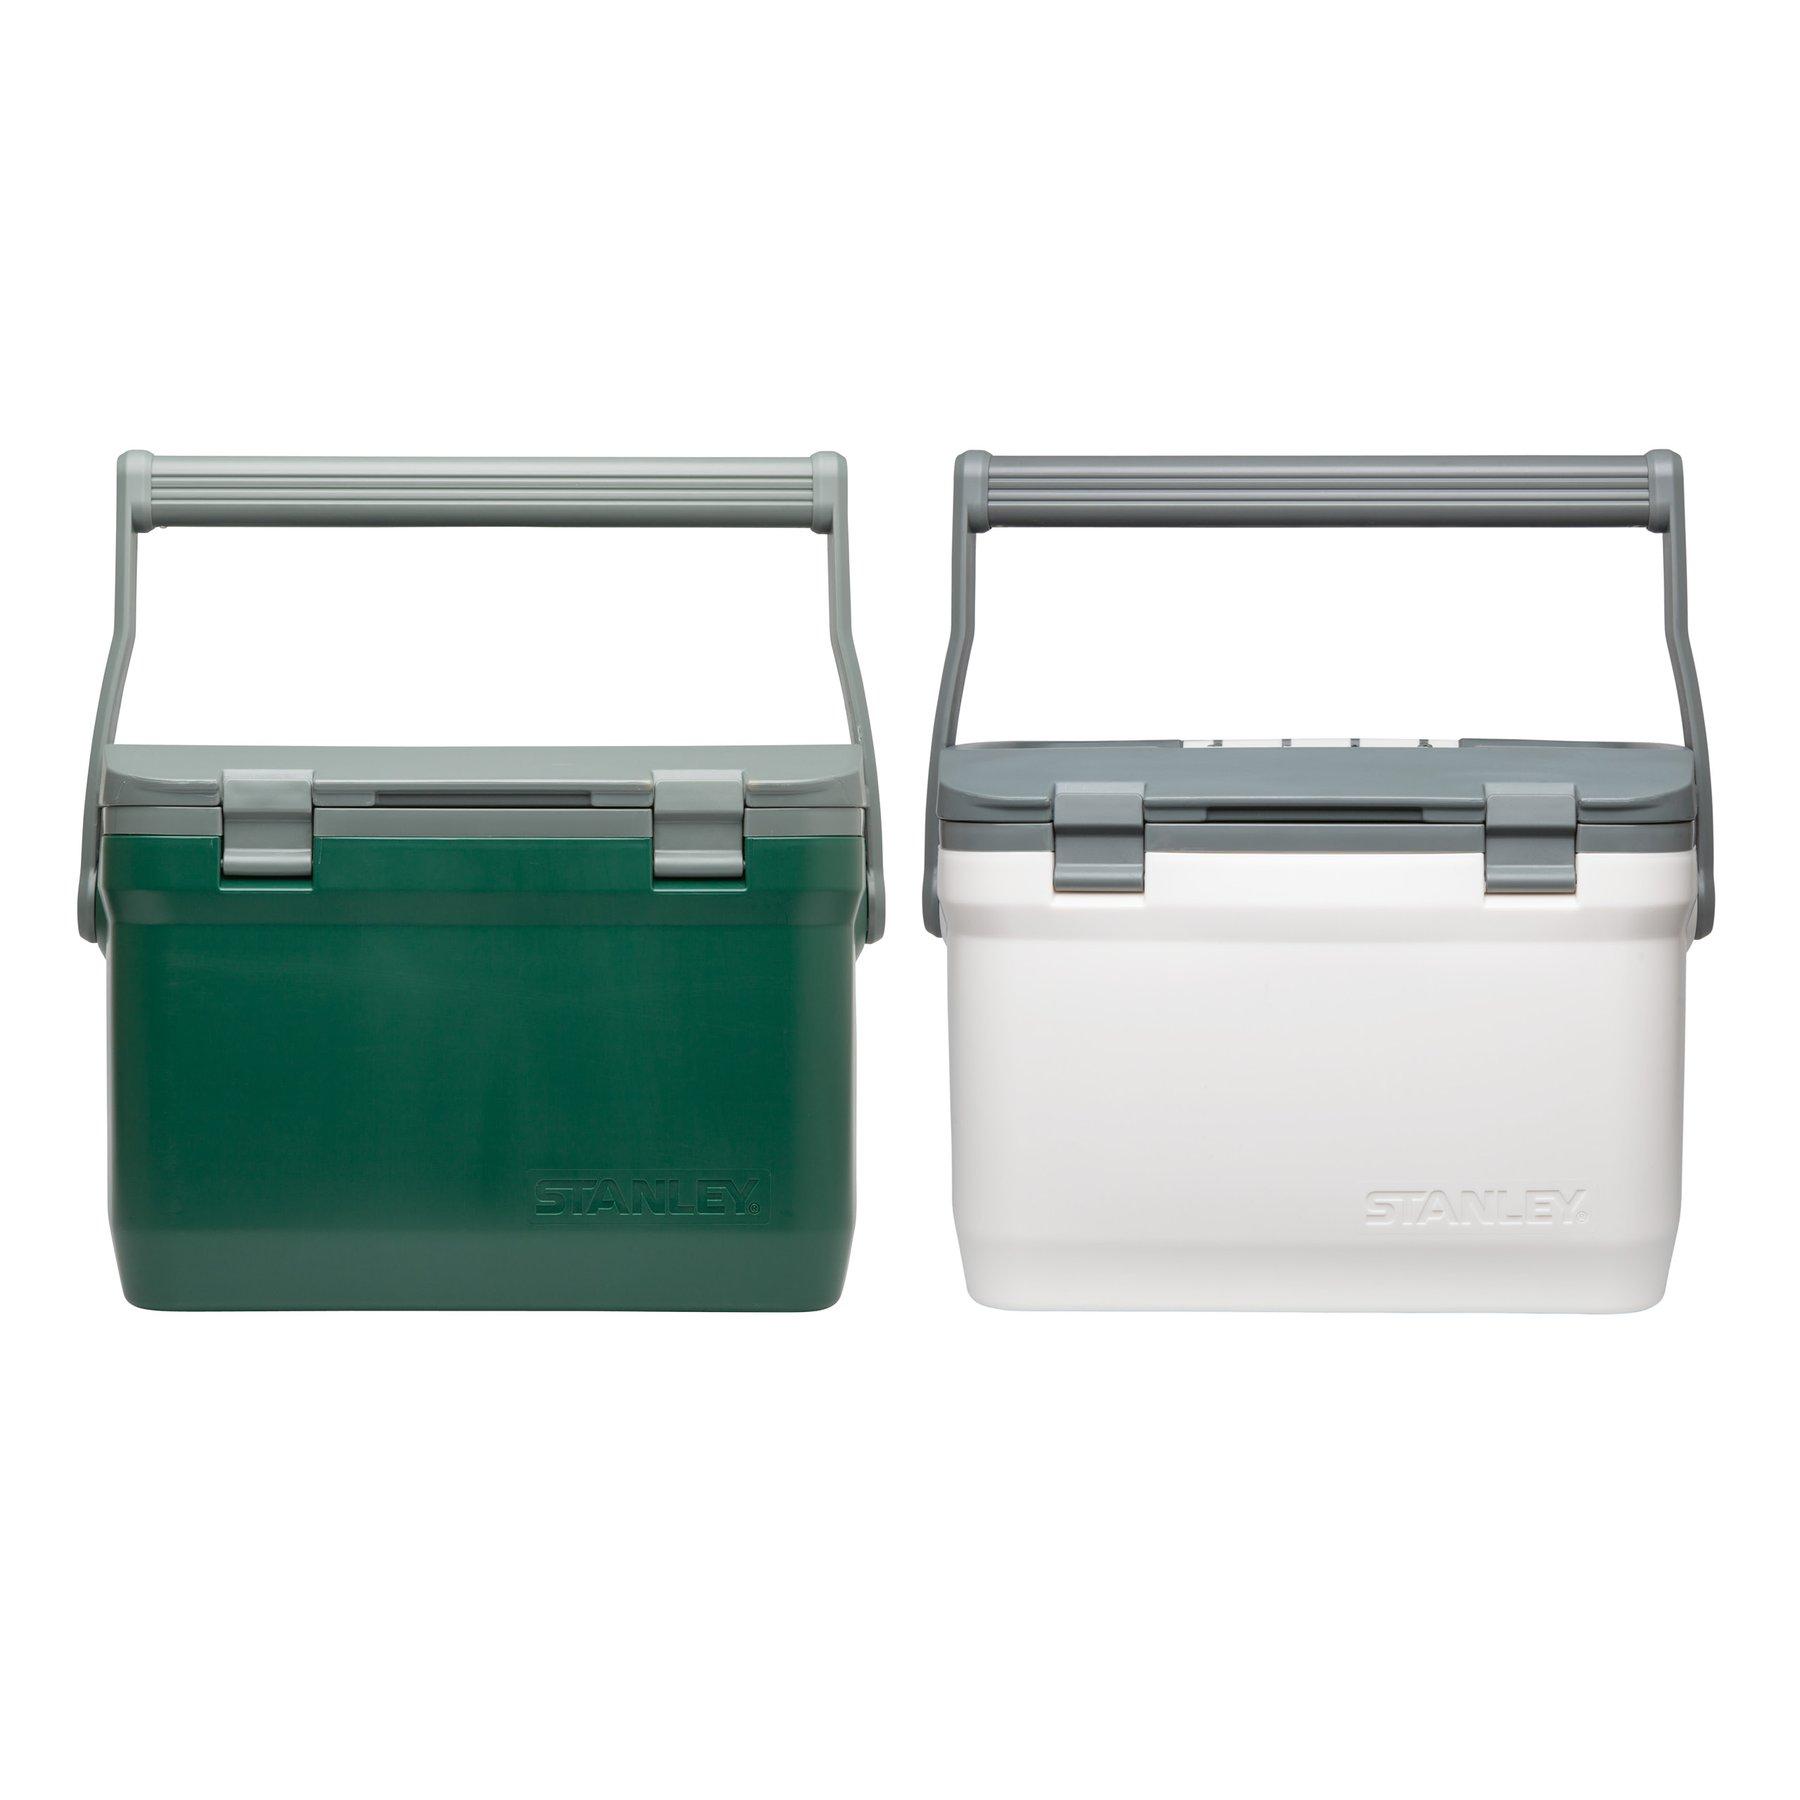 STANLEY ADVENTURE Easy Carry Outdoor Cooler 15.1L - Kühlbox